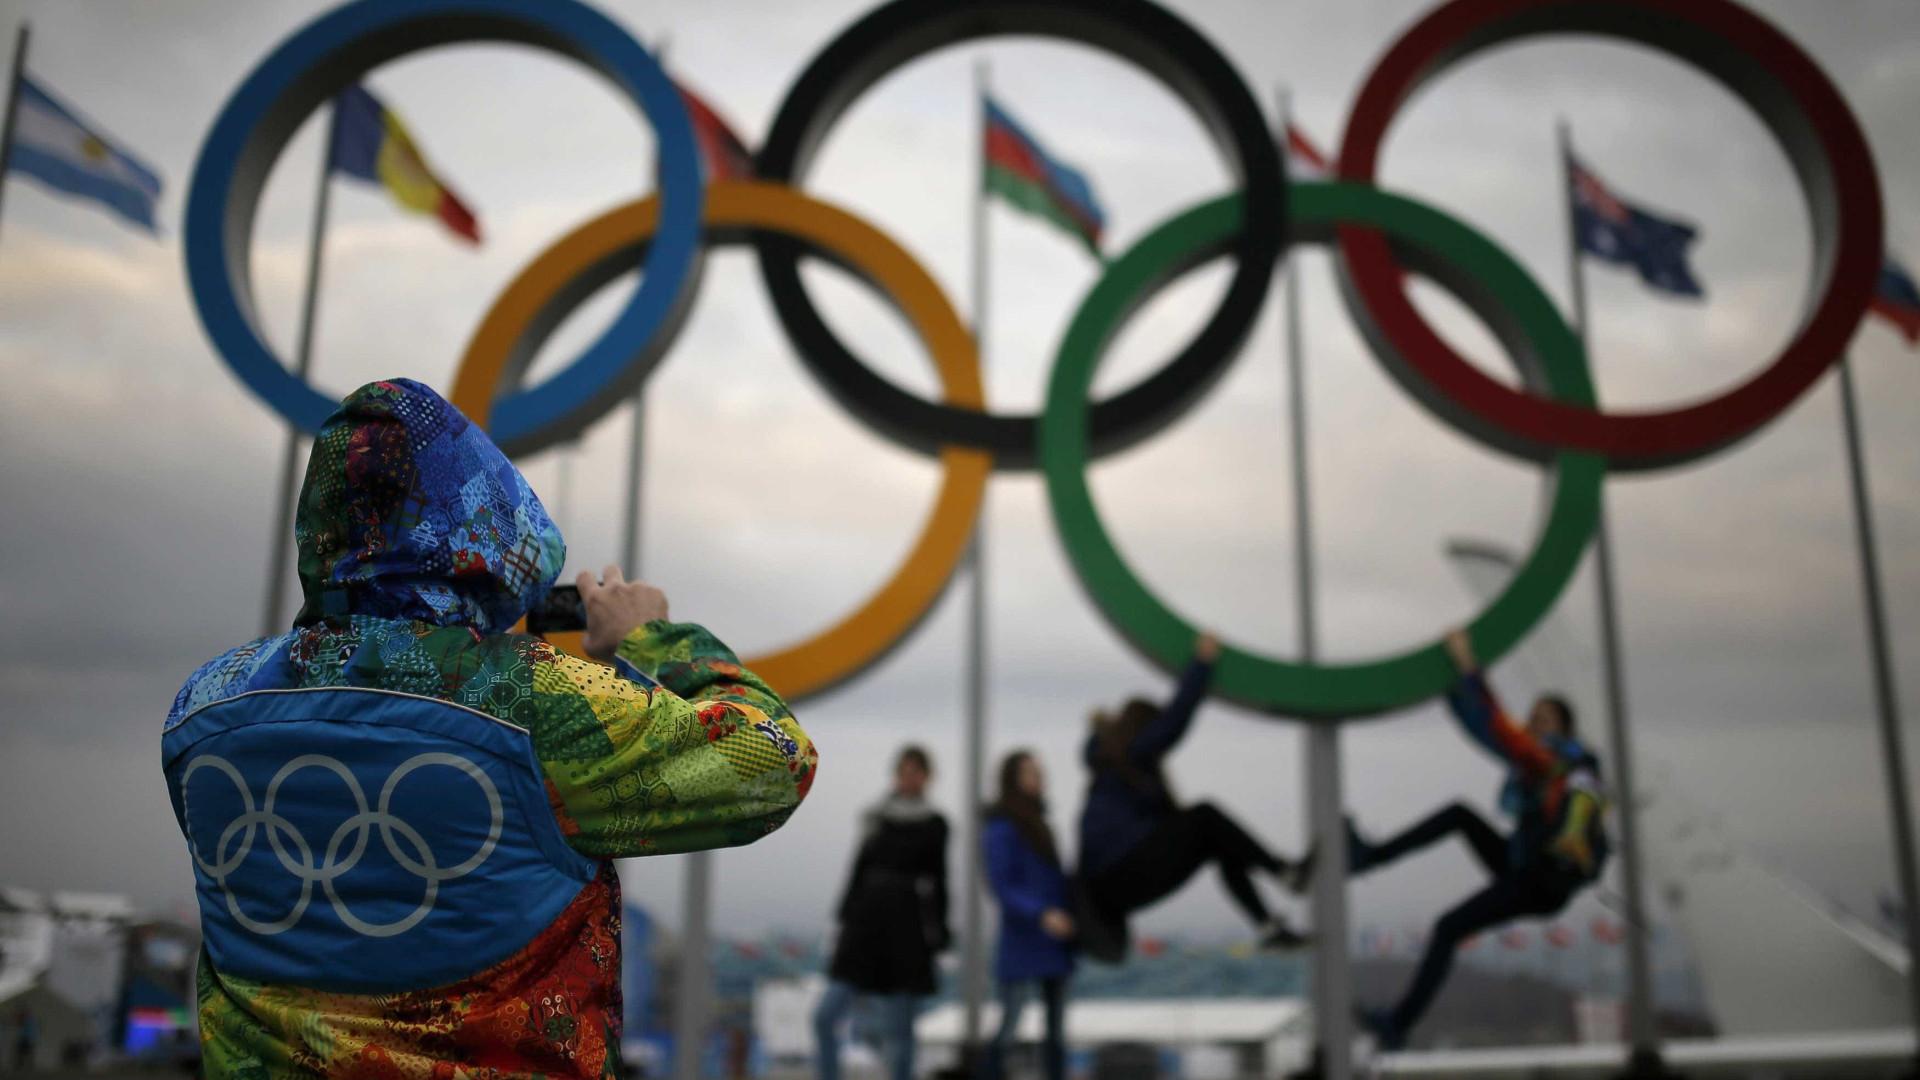 Los Angeles receberá os Jogos Olímpicos em 2028